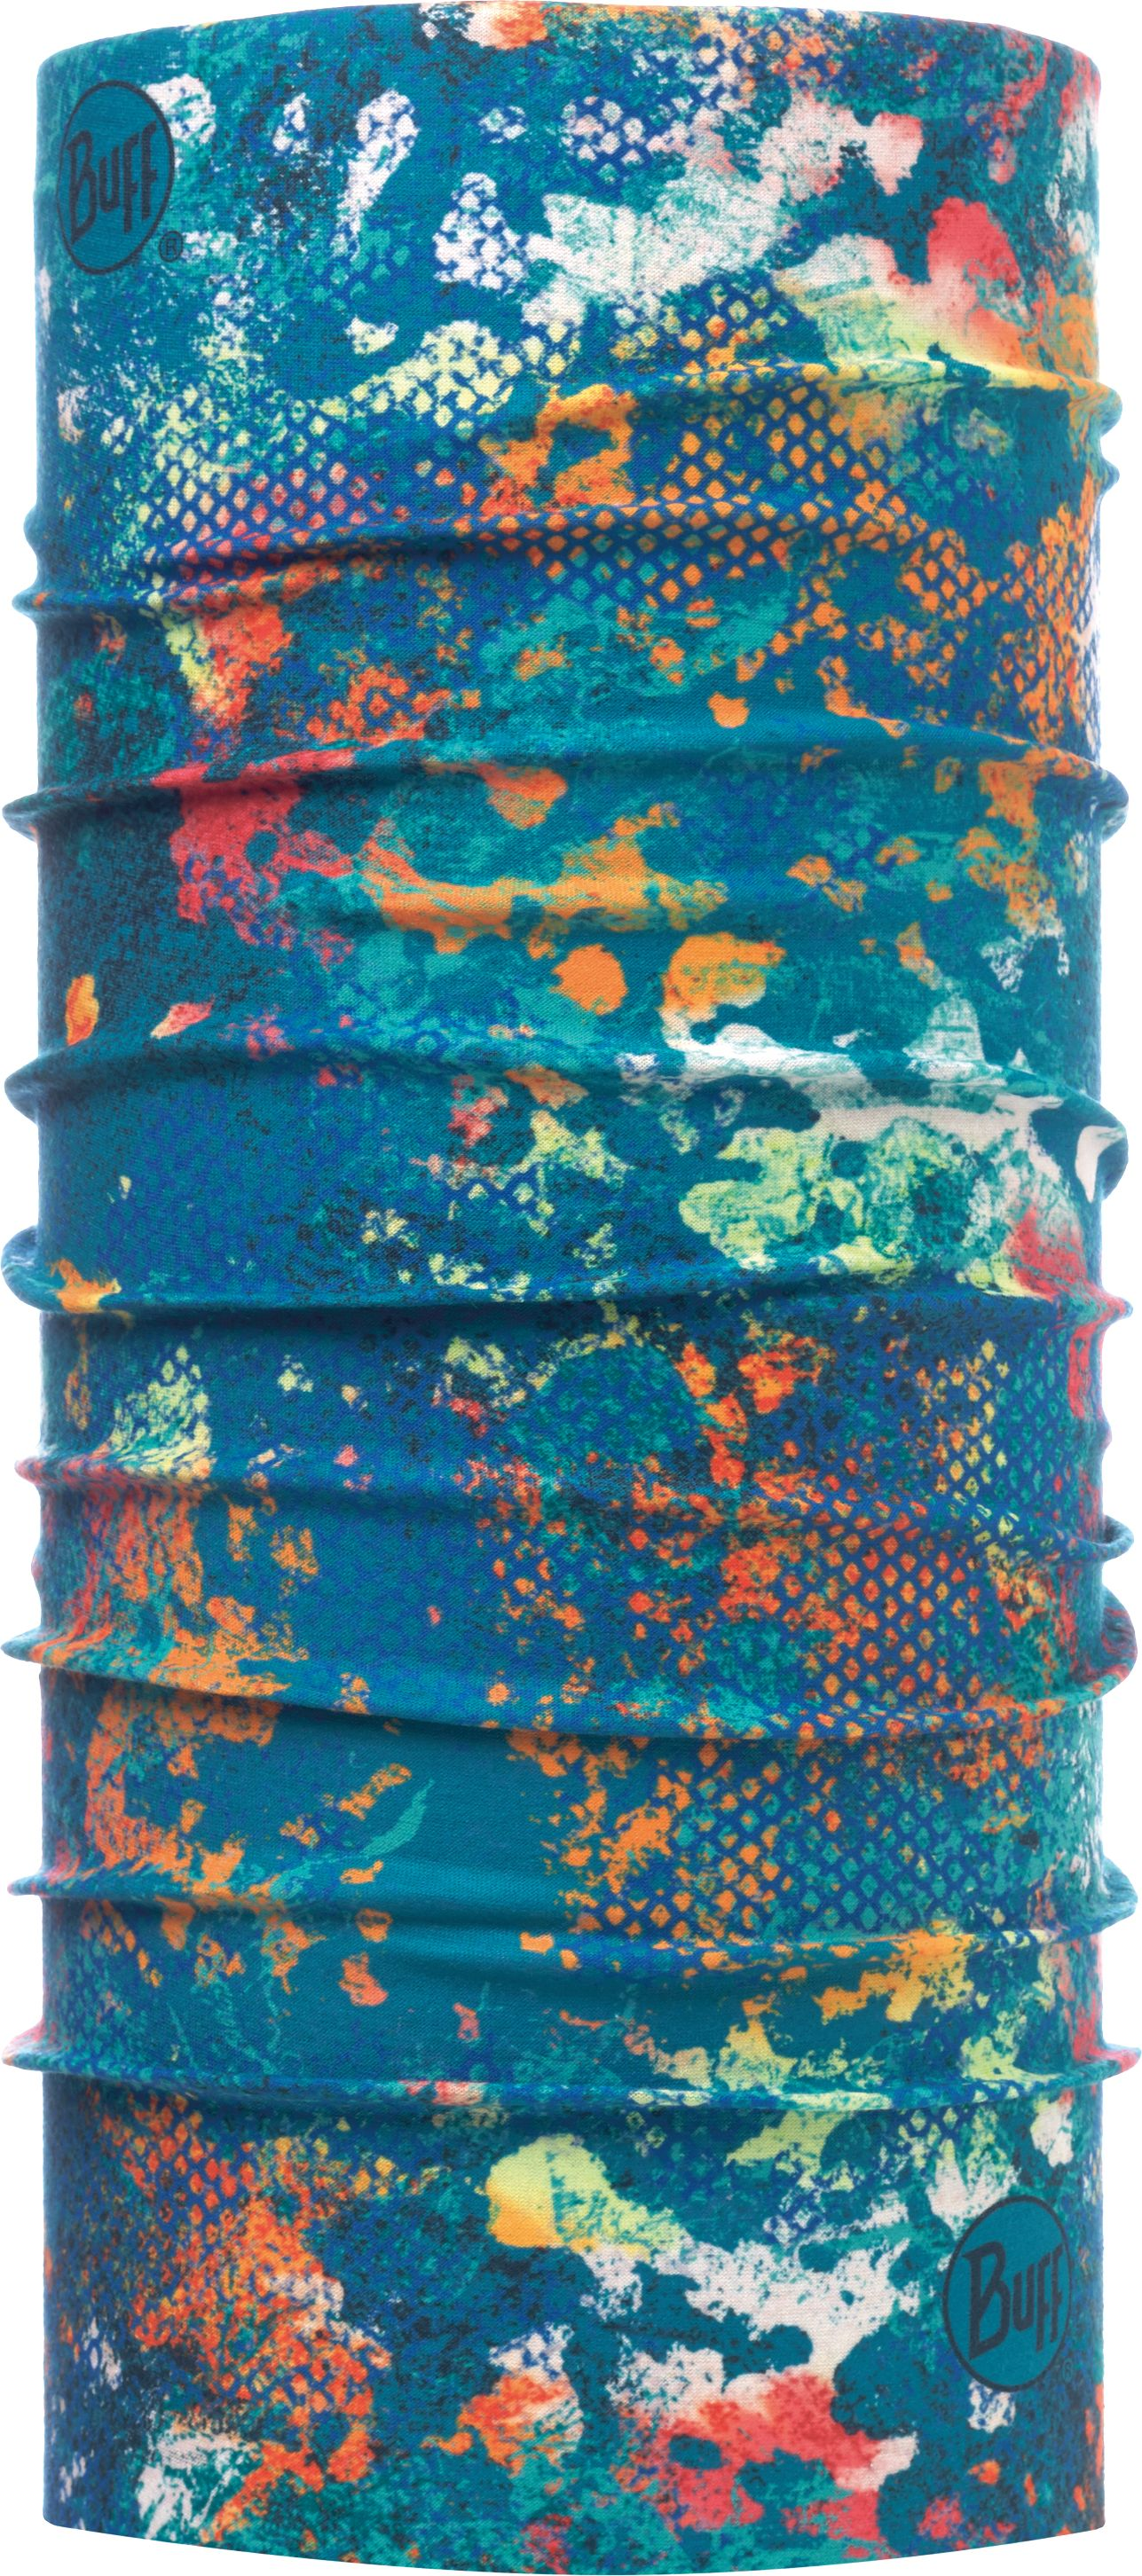 Купить Бандана Buff UV Protection Aquatic Camo Turquoise, цвет: голубой. 117012.789.10.00. Размер универсальный